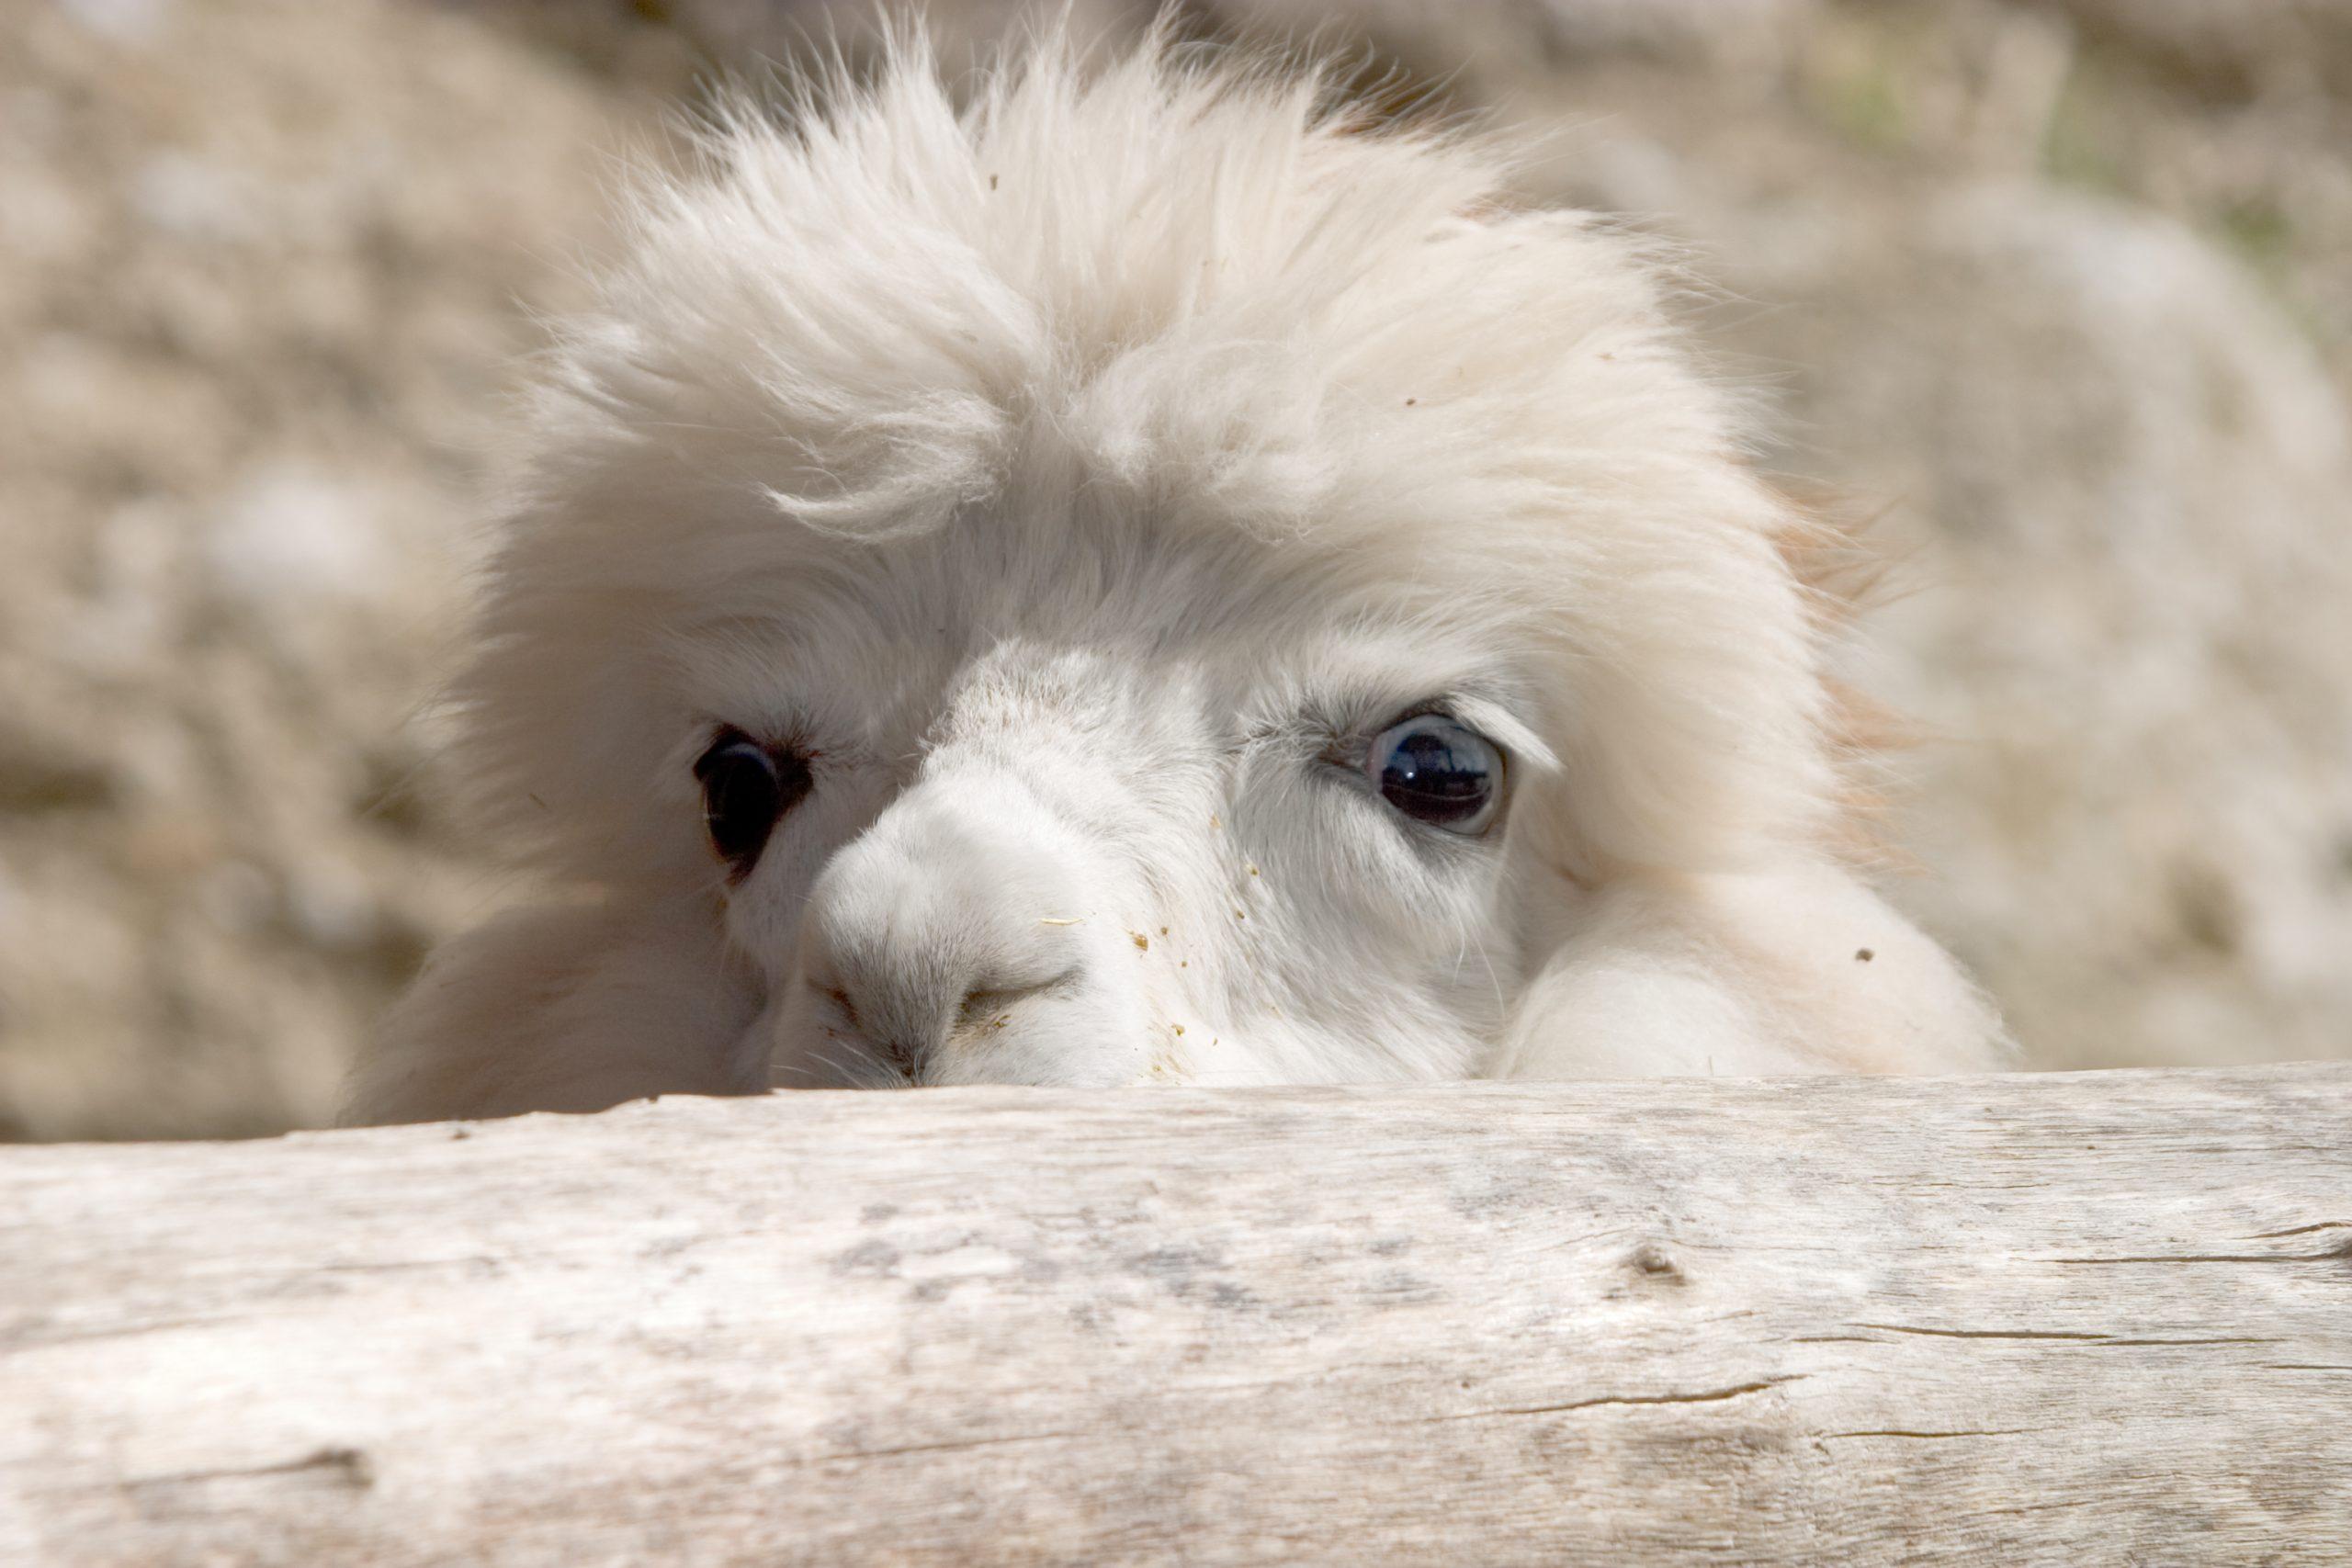 Cute looking alpaca